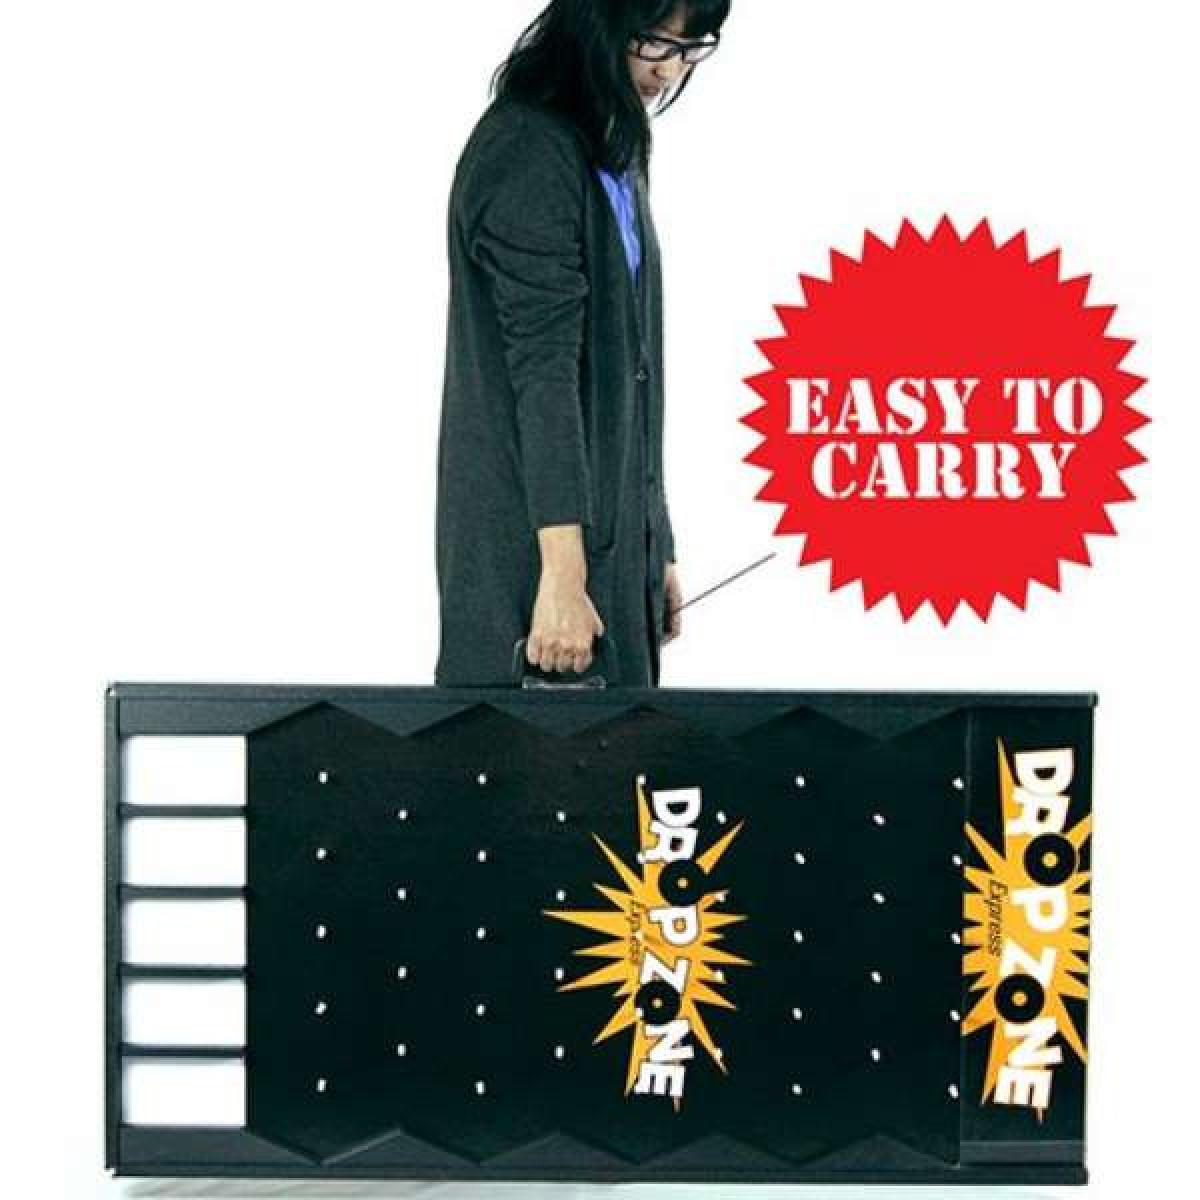 Plinko Board For Sale Buy Custom Plinko Game Boards